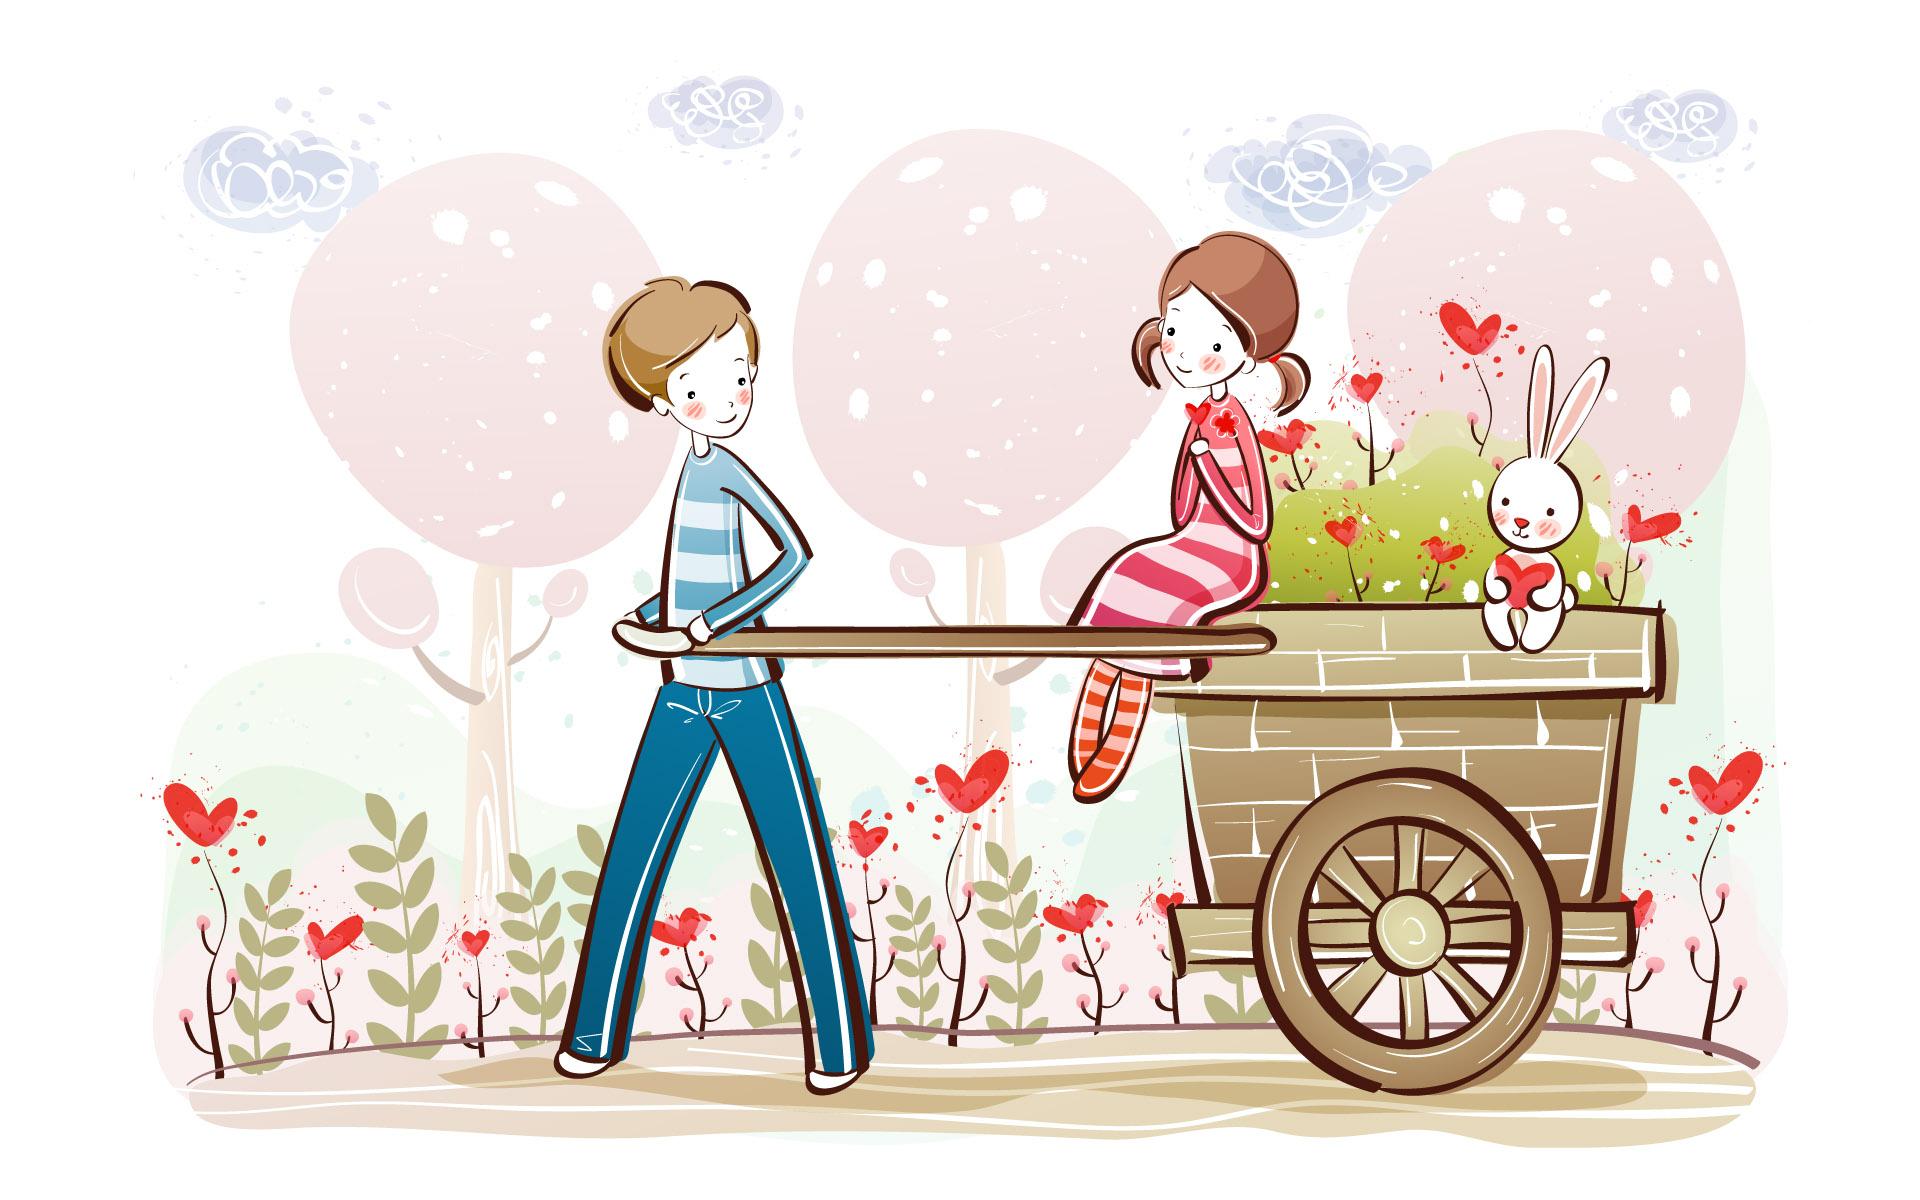 分析男人爱上女人的十种感觉 (点击率五天超过100万